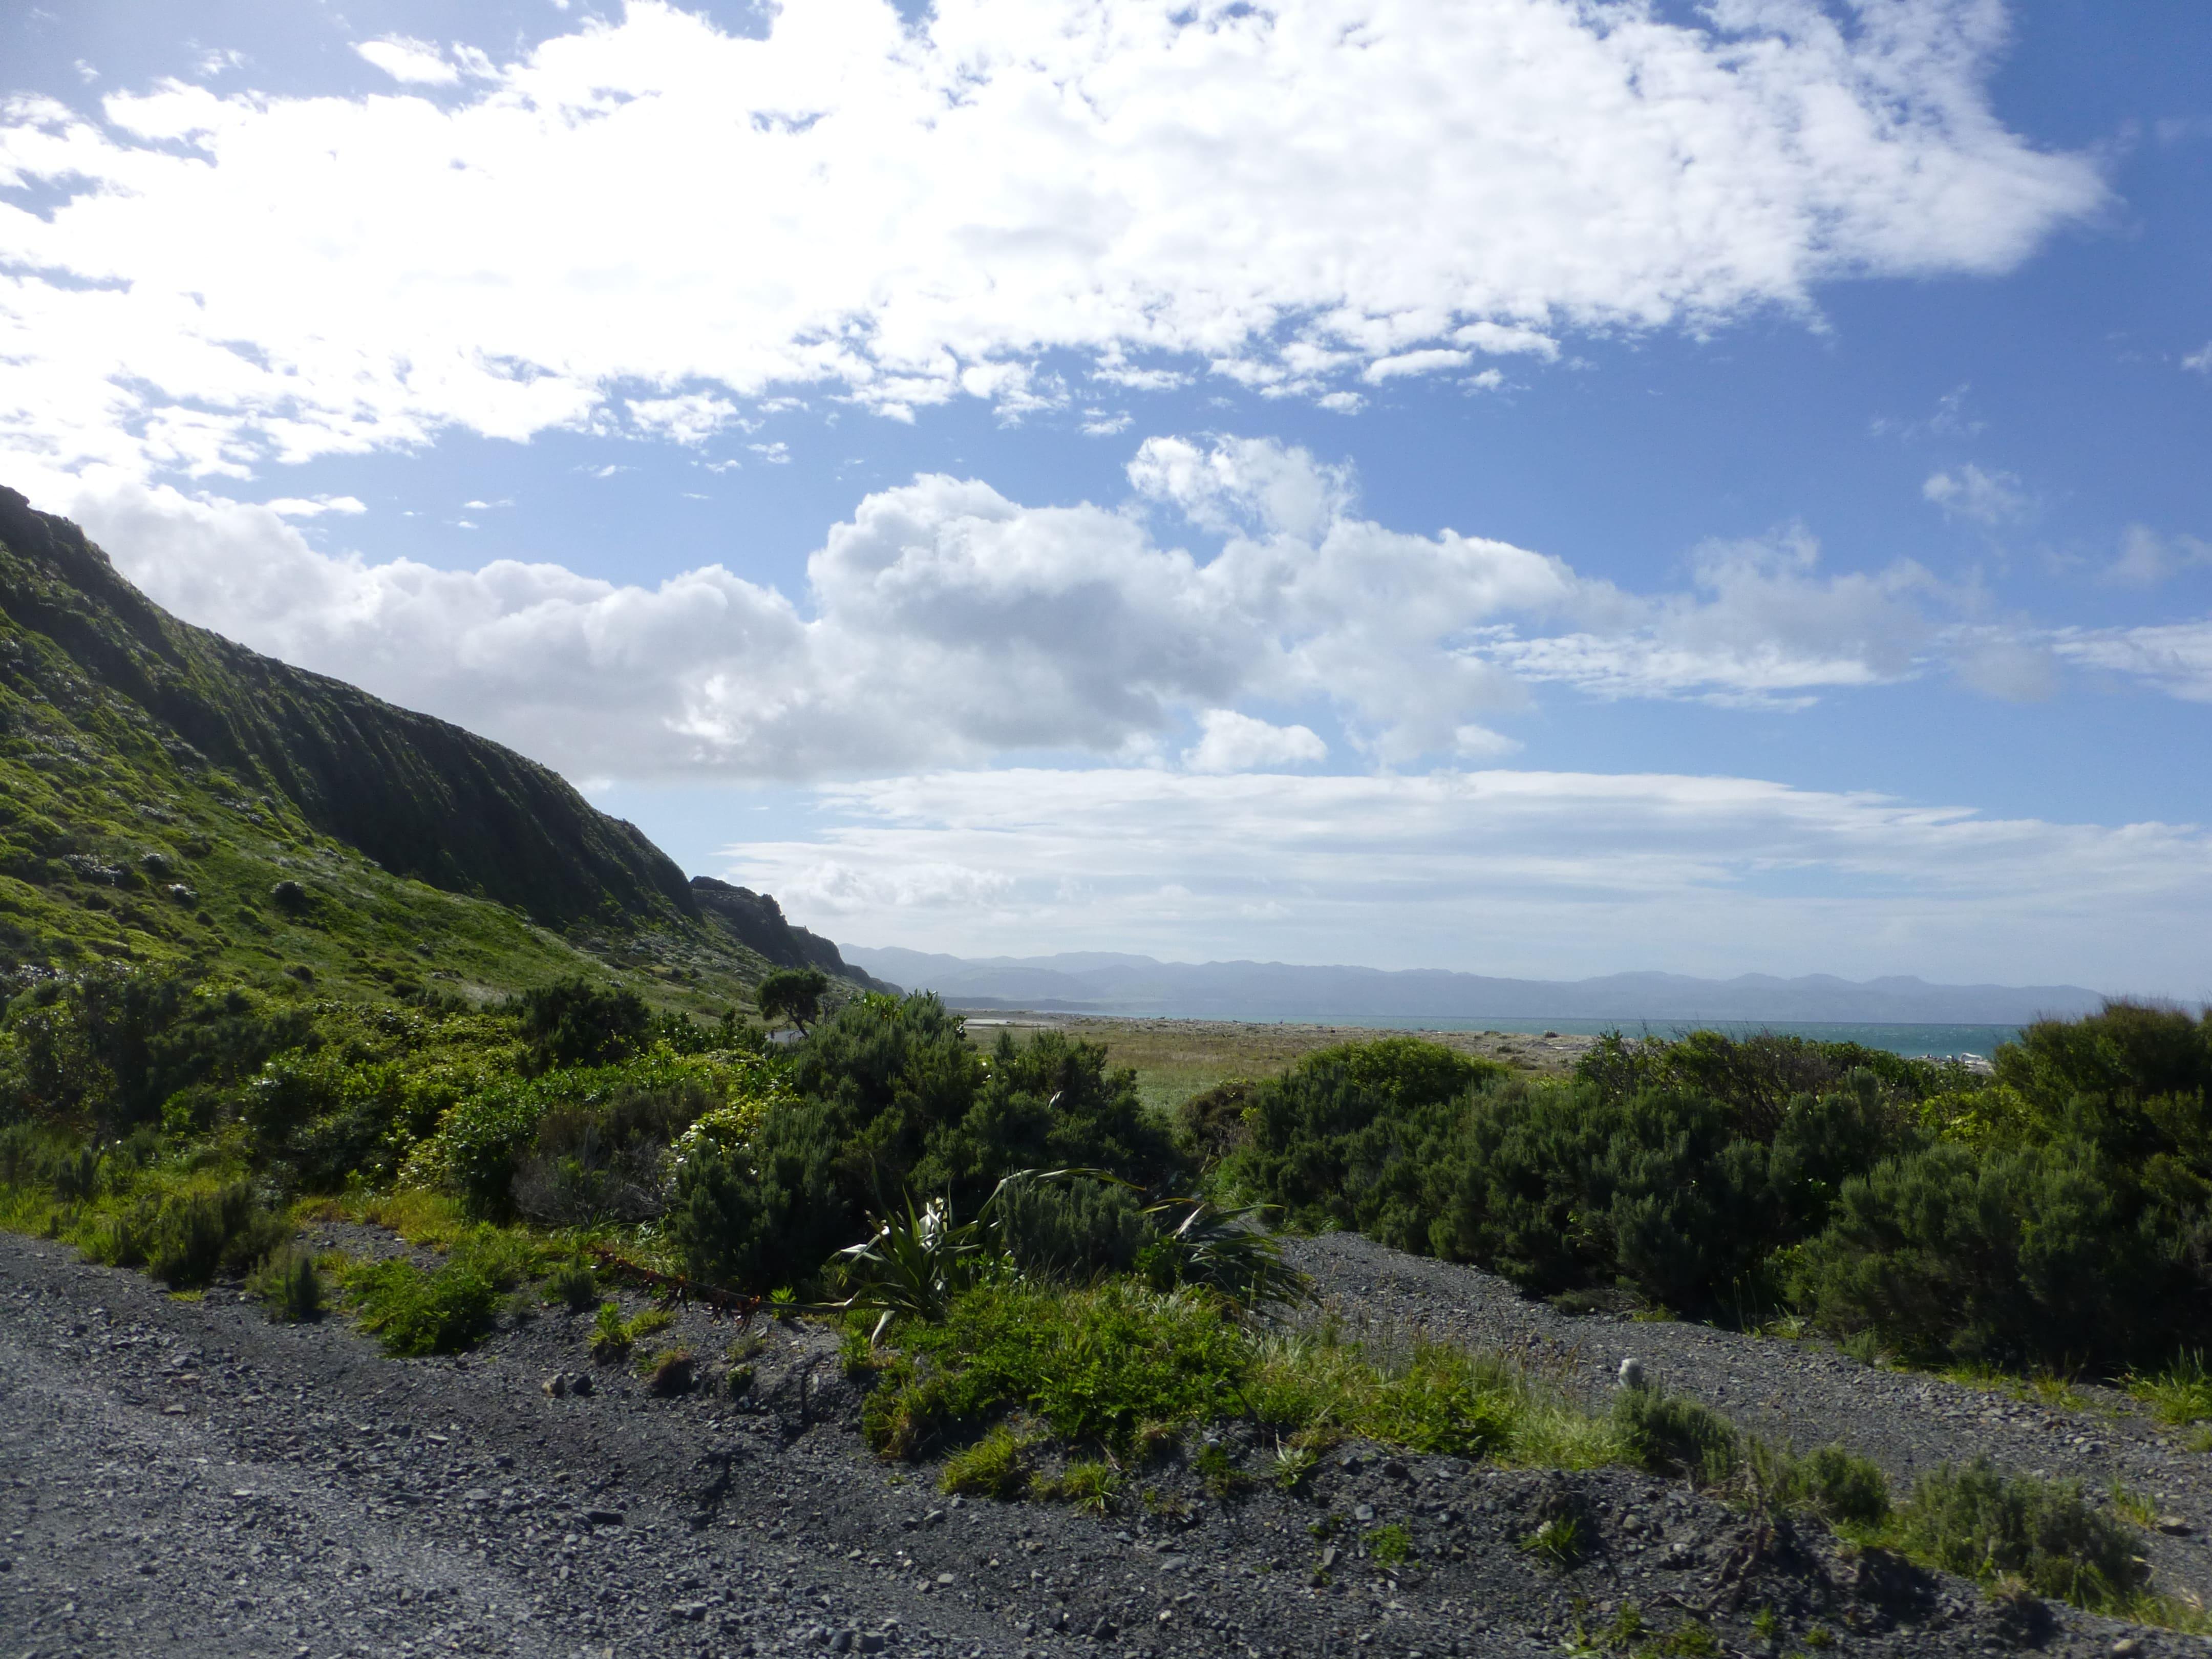 Weit-weg.reisen, Palliser Bay bei Corner Creek 5